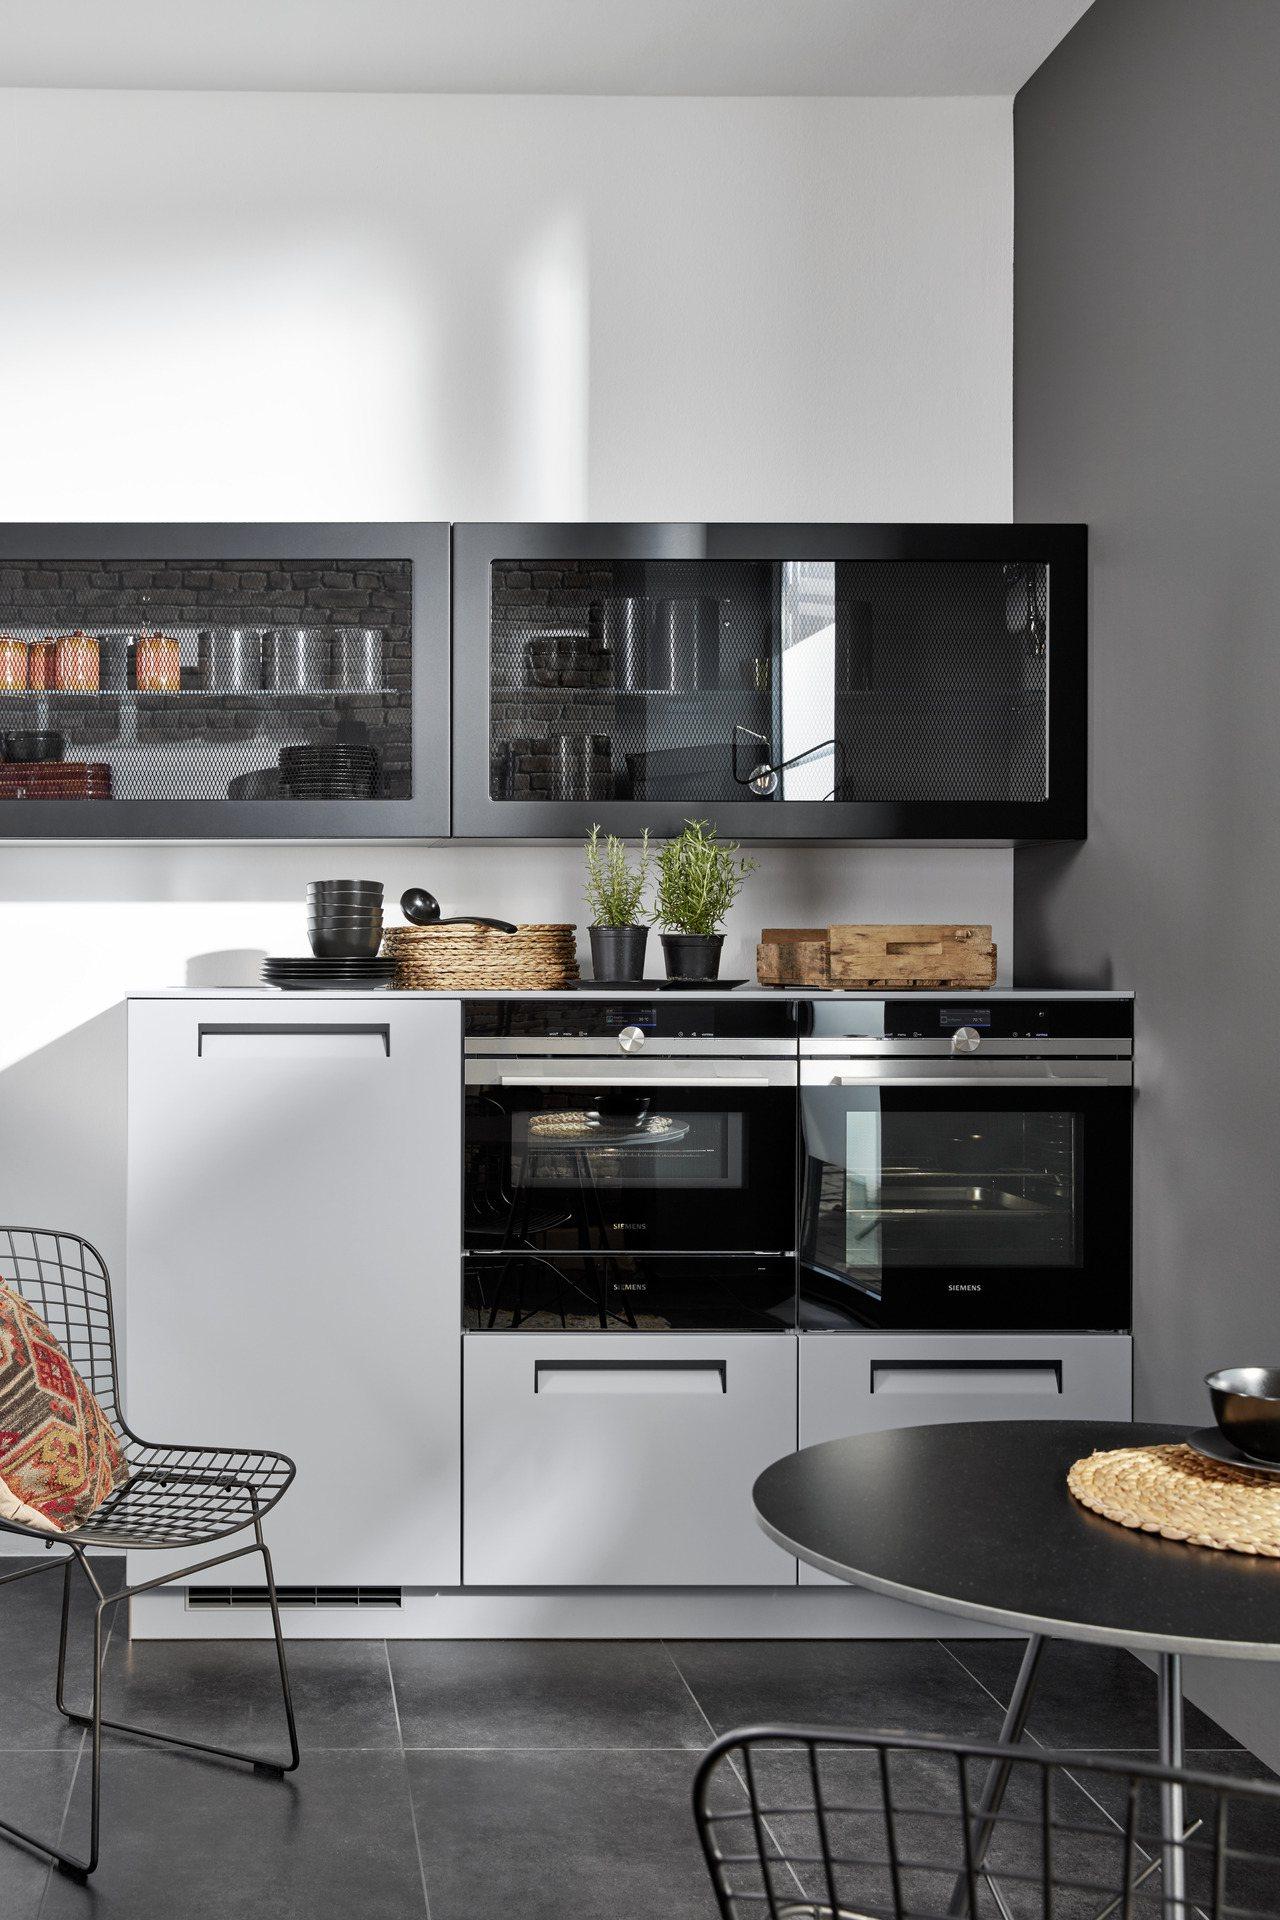 以撞色的邊框,加強廚具的線條感,NOLTE讓廚房質感更提升。圖/麗舍提供